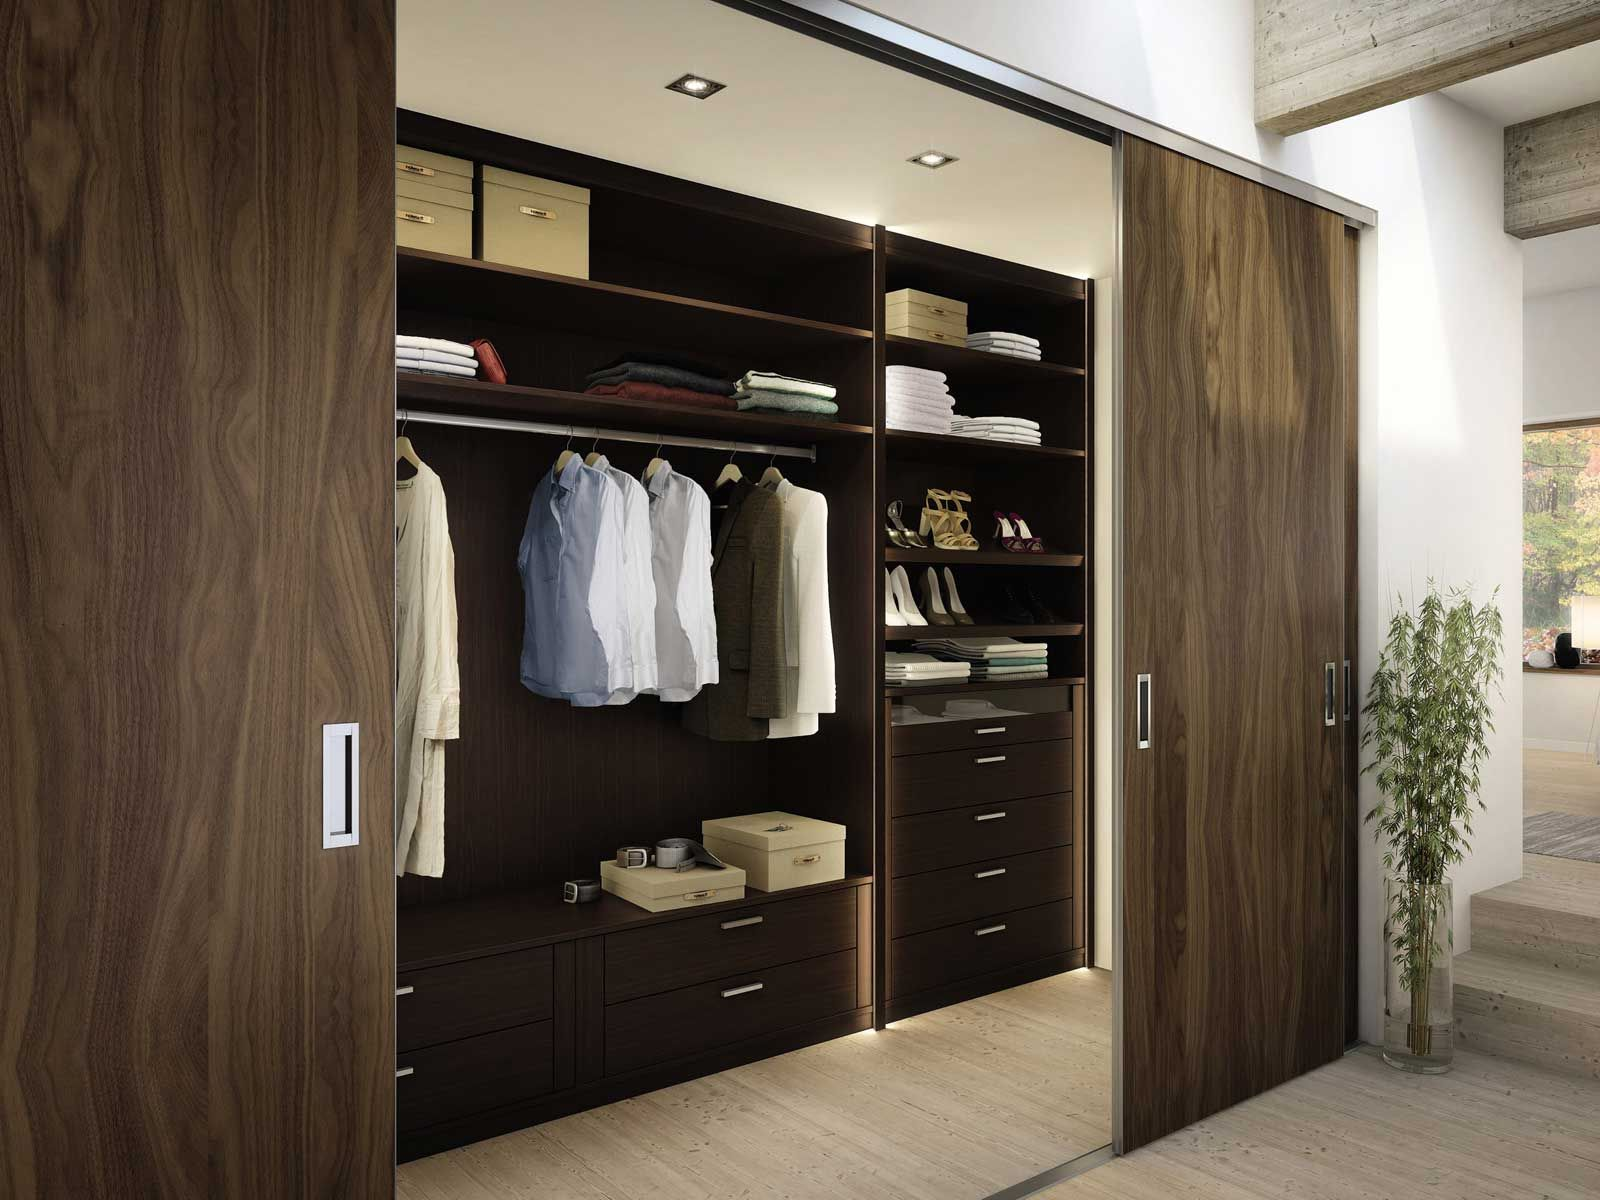 Vestidor Con Puertas Corredizas Dormitorio Pinterest  ~ Armarios Vestidores Con Puertas